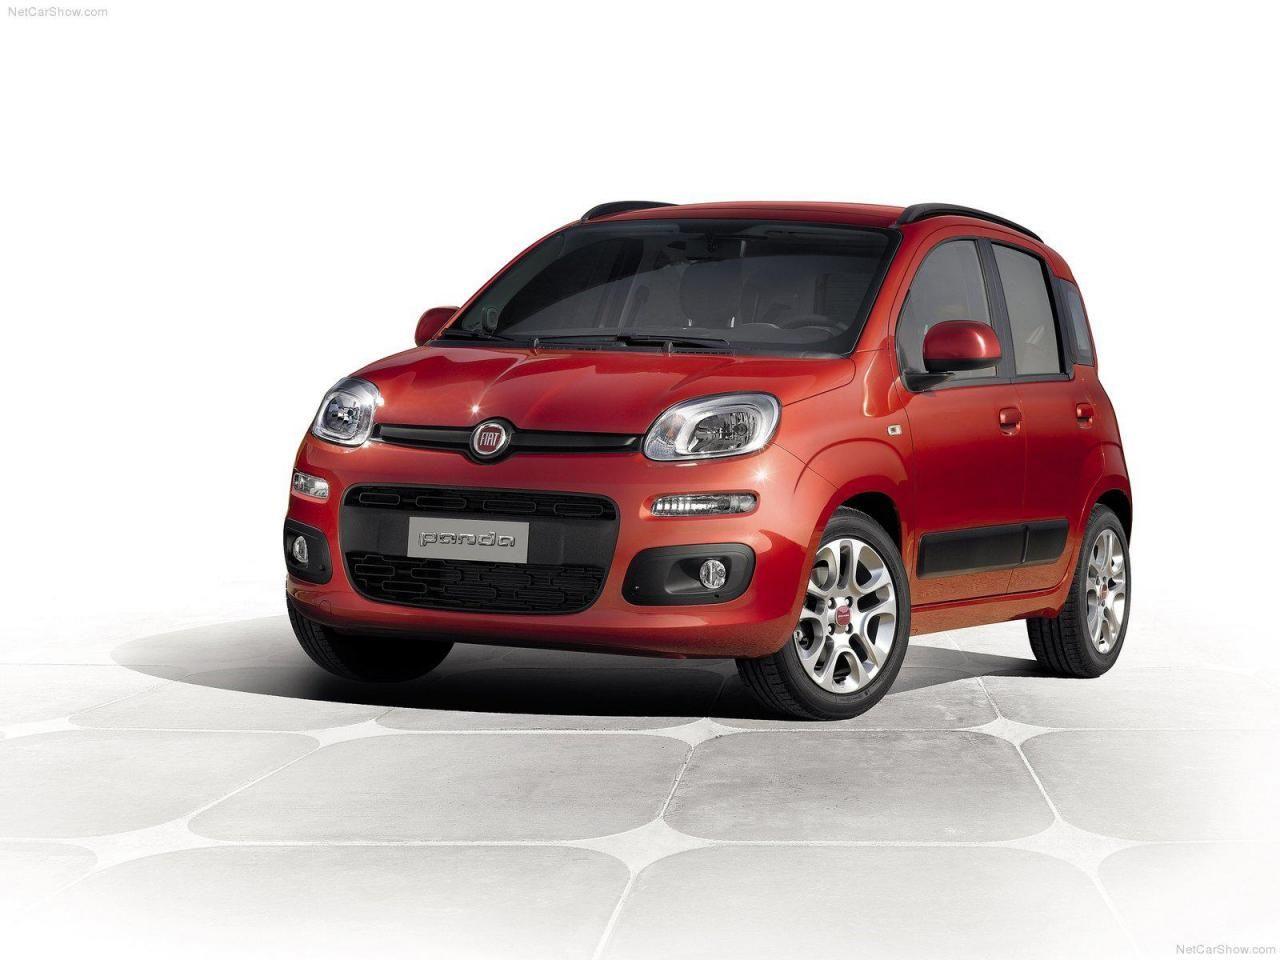 2013 Fiat Panda 2013